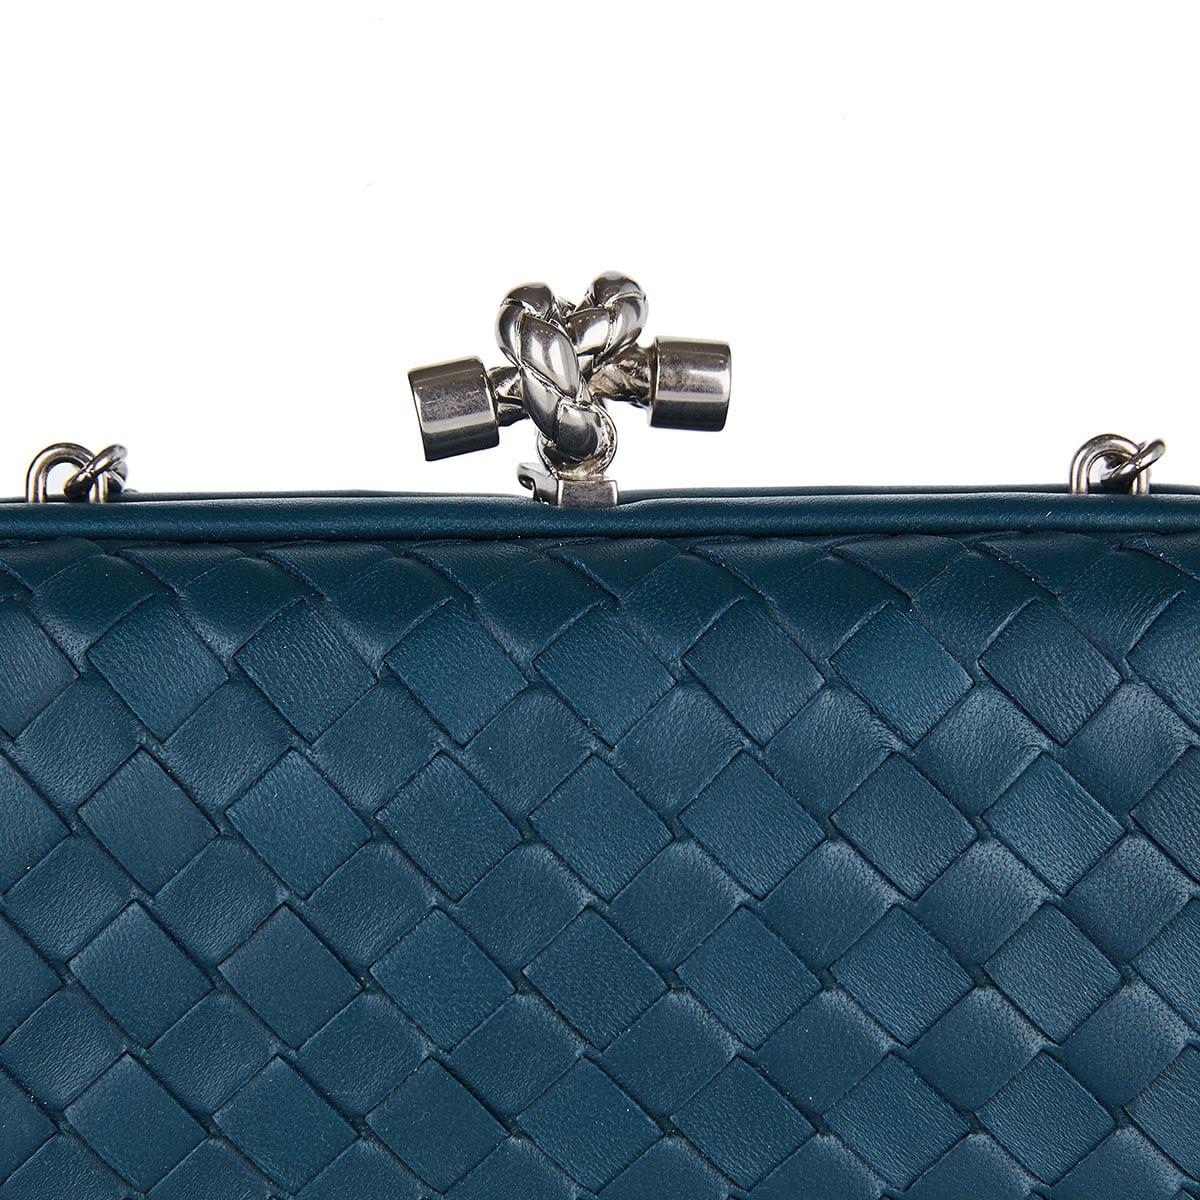 Intrecciato leather chain knot clutch